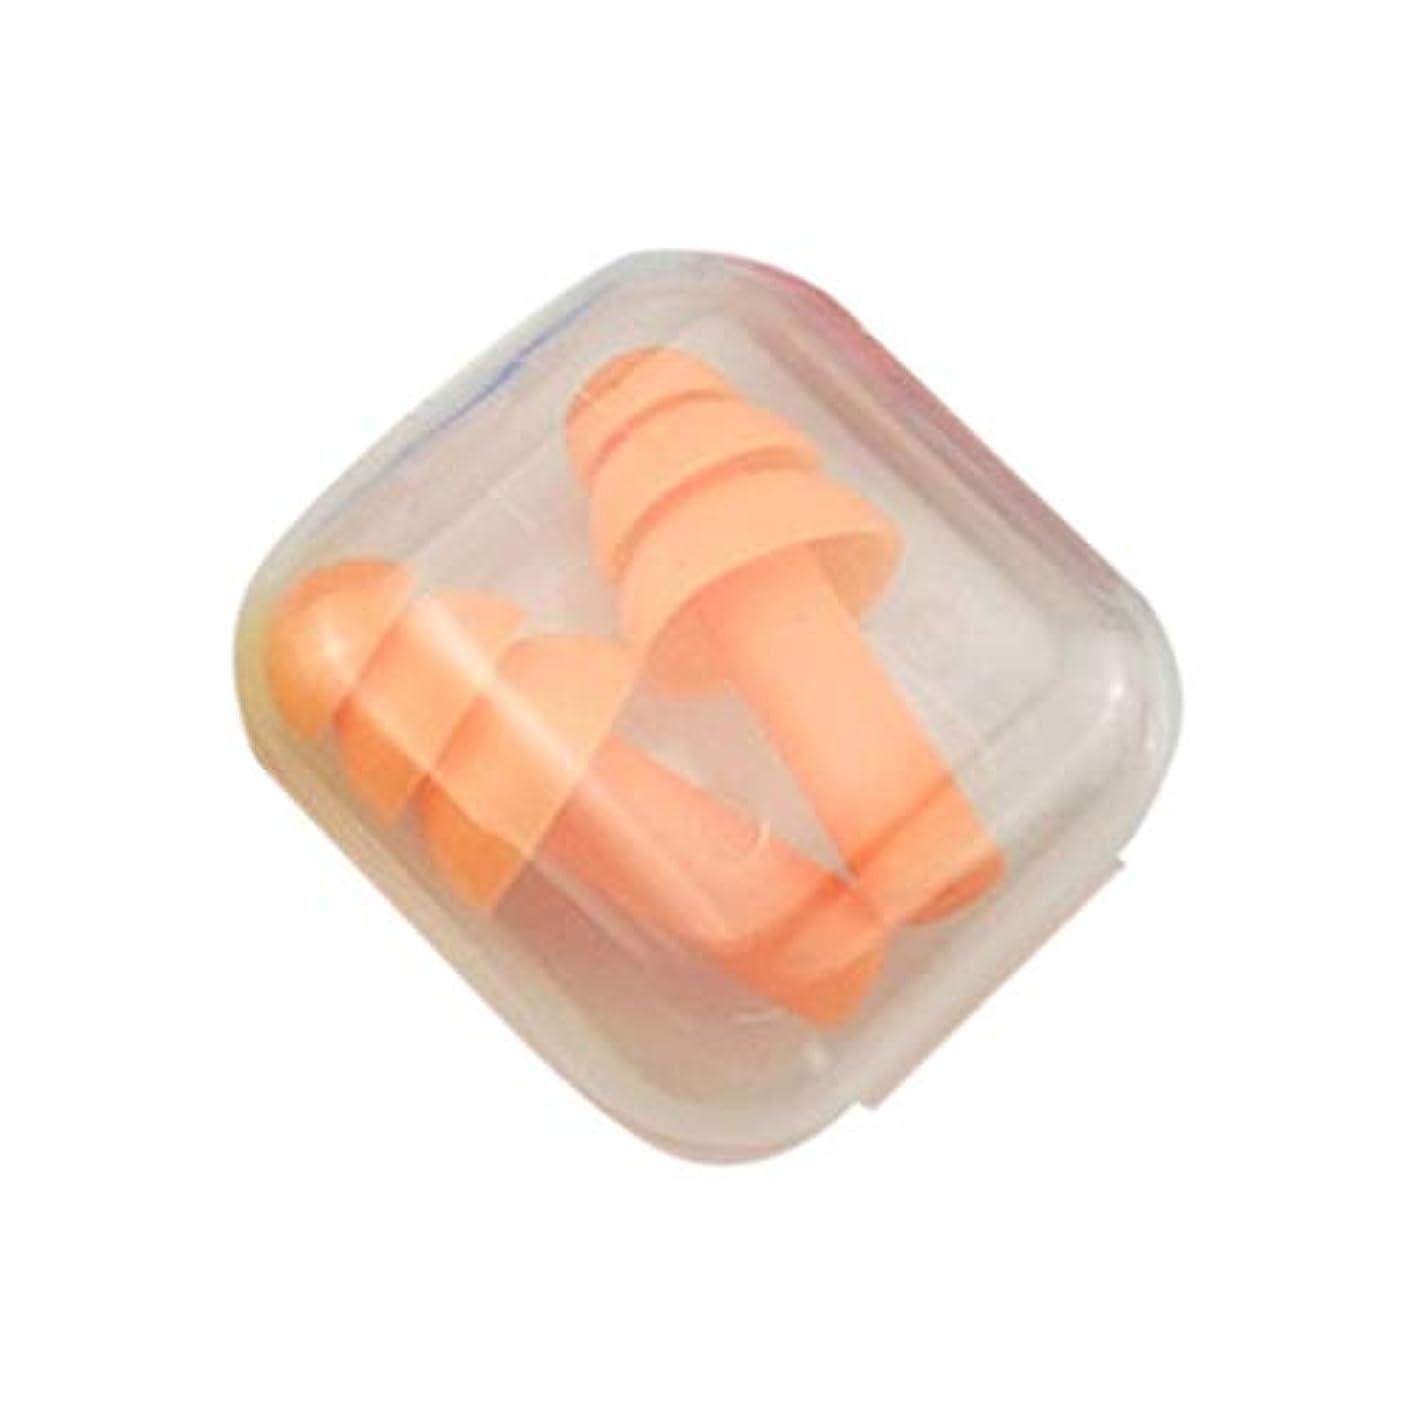 同様にワット信頼柔らかいシリコーンの耳栓遮音用耳の保護用の耳栓防音睡眠ボックス付き収納ボックス - オレンジ